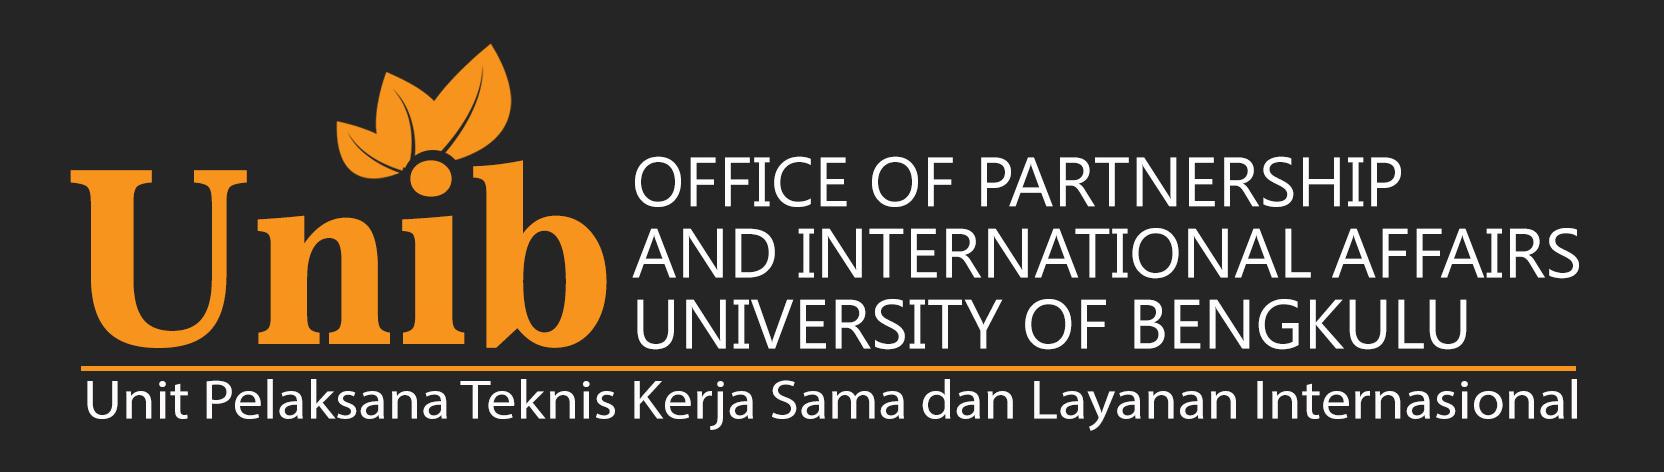 UPT Kerja Sama dan Layanan Internasional